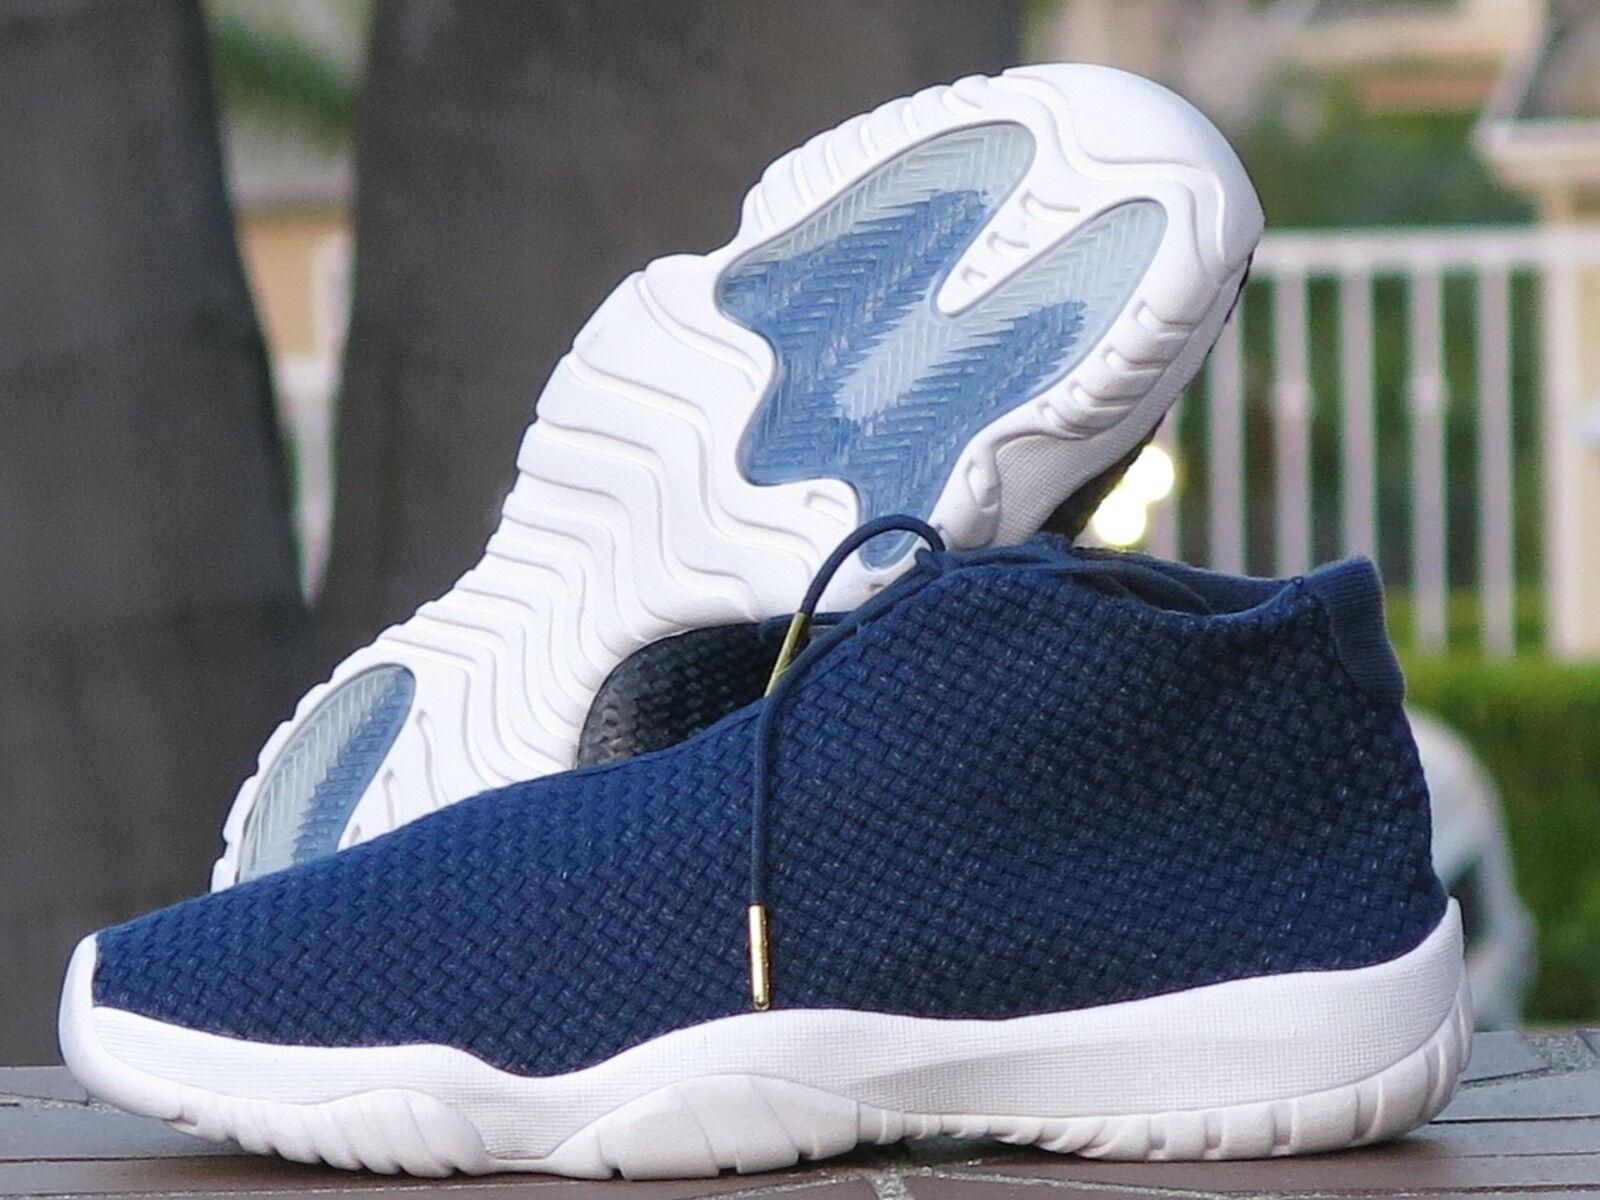 Nike Air Jordan Future Men's Basketball Sneakers 656503-400 SZ 11